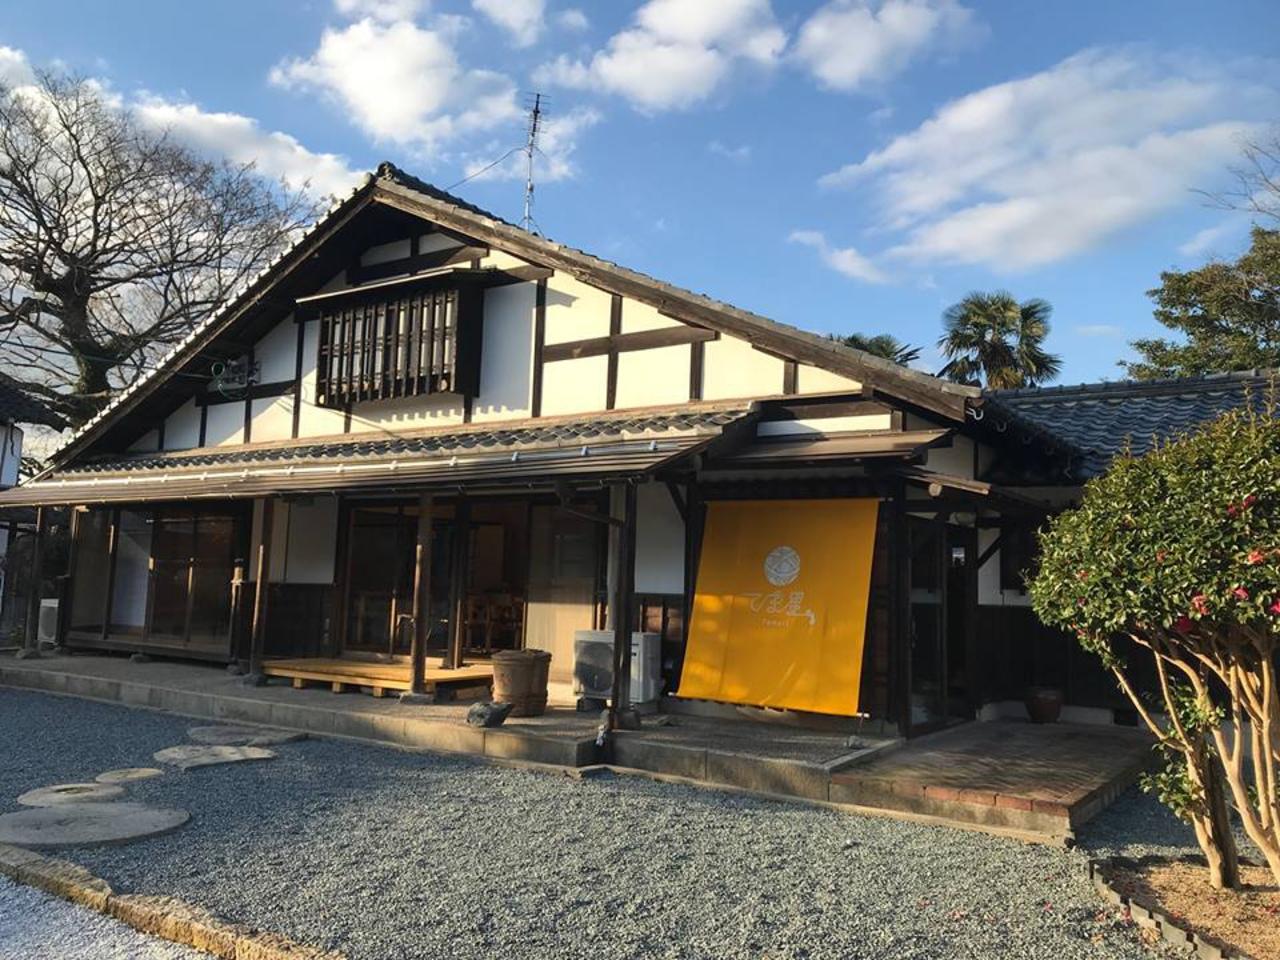 鳥取県西伯郡南部町に食べて泊まれる寄り合い場「てま里」オープン!